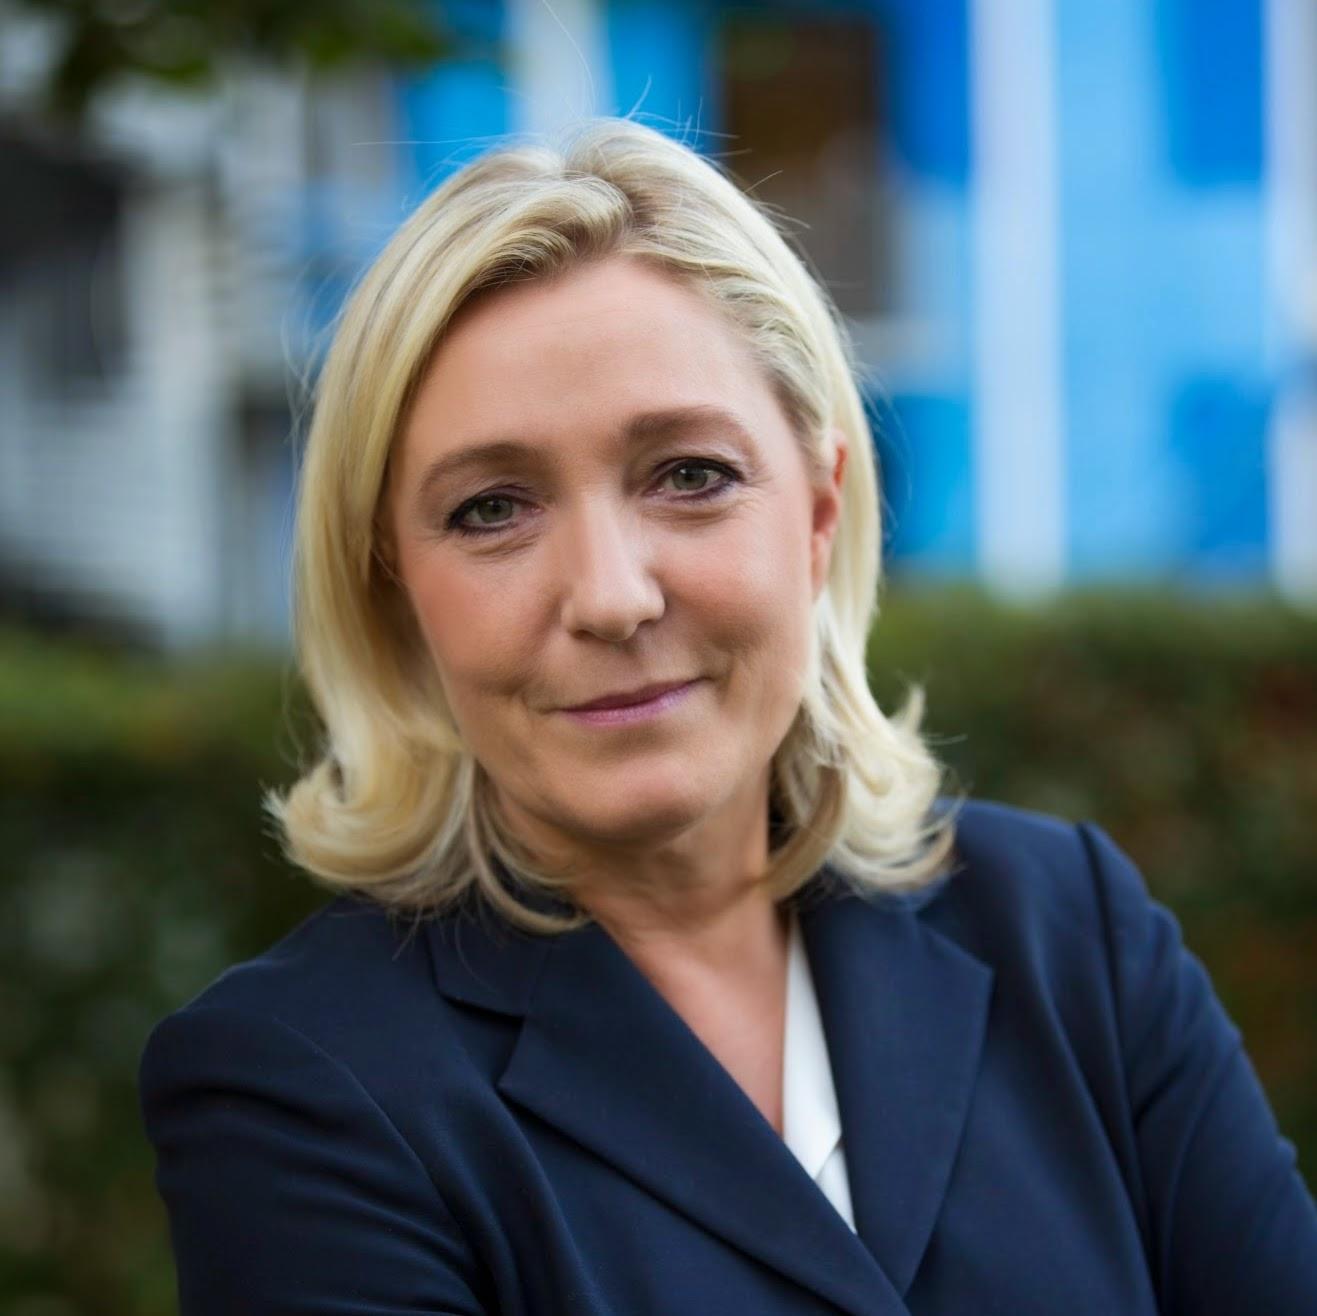 Marine Le Pen om Køln og trusselen mot kvinners frihed